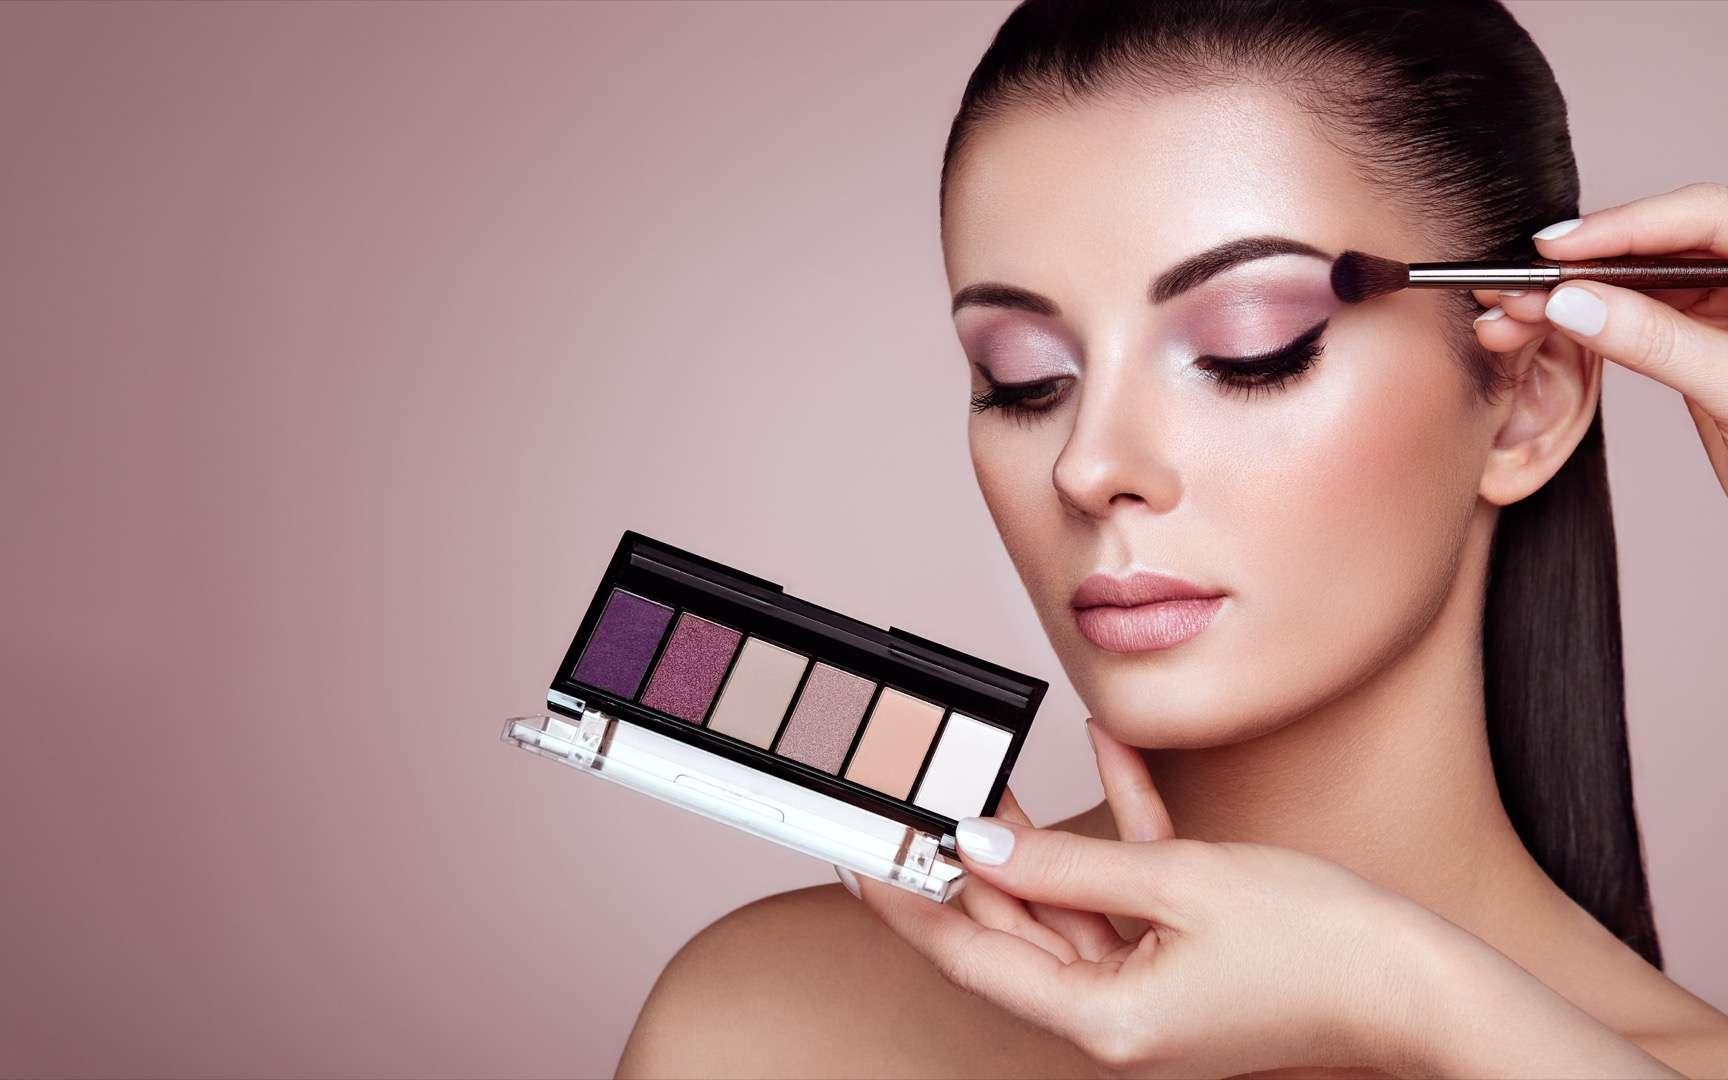 L'avènement du e-commerce pour les produits cosmétiques. © Oleg Gekman, Adobe Stock